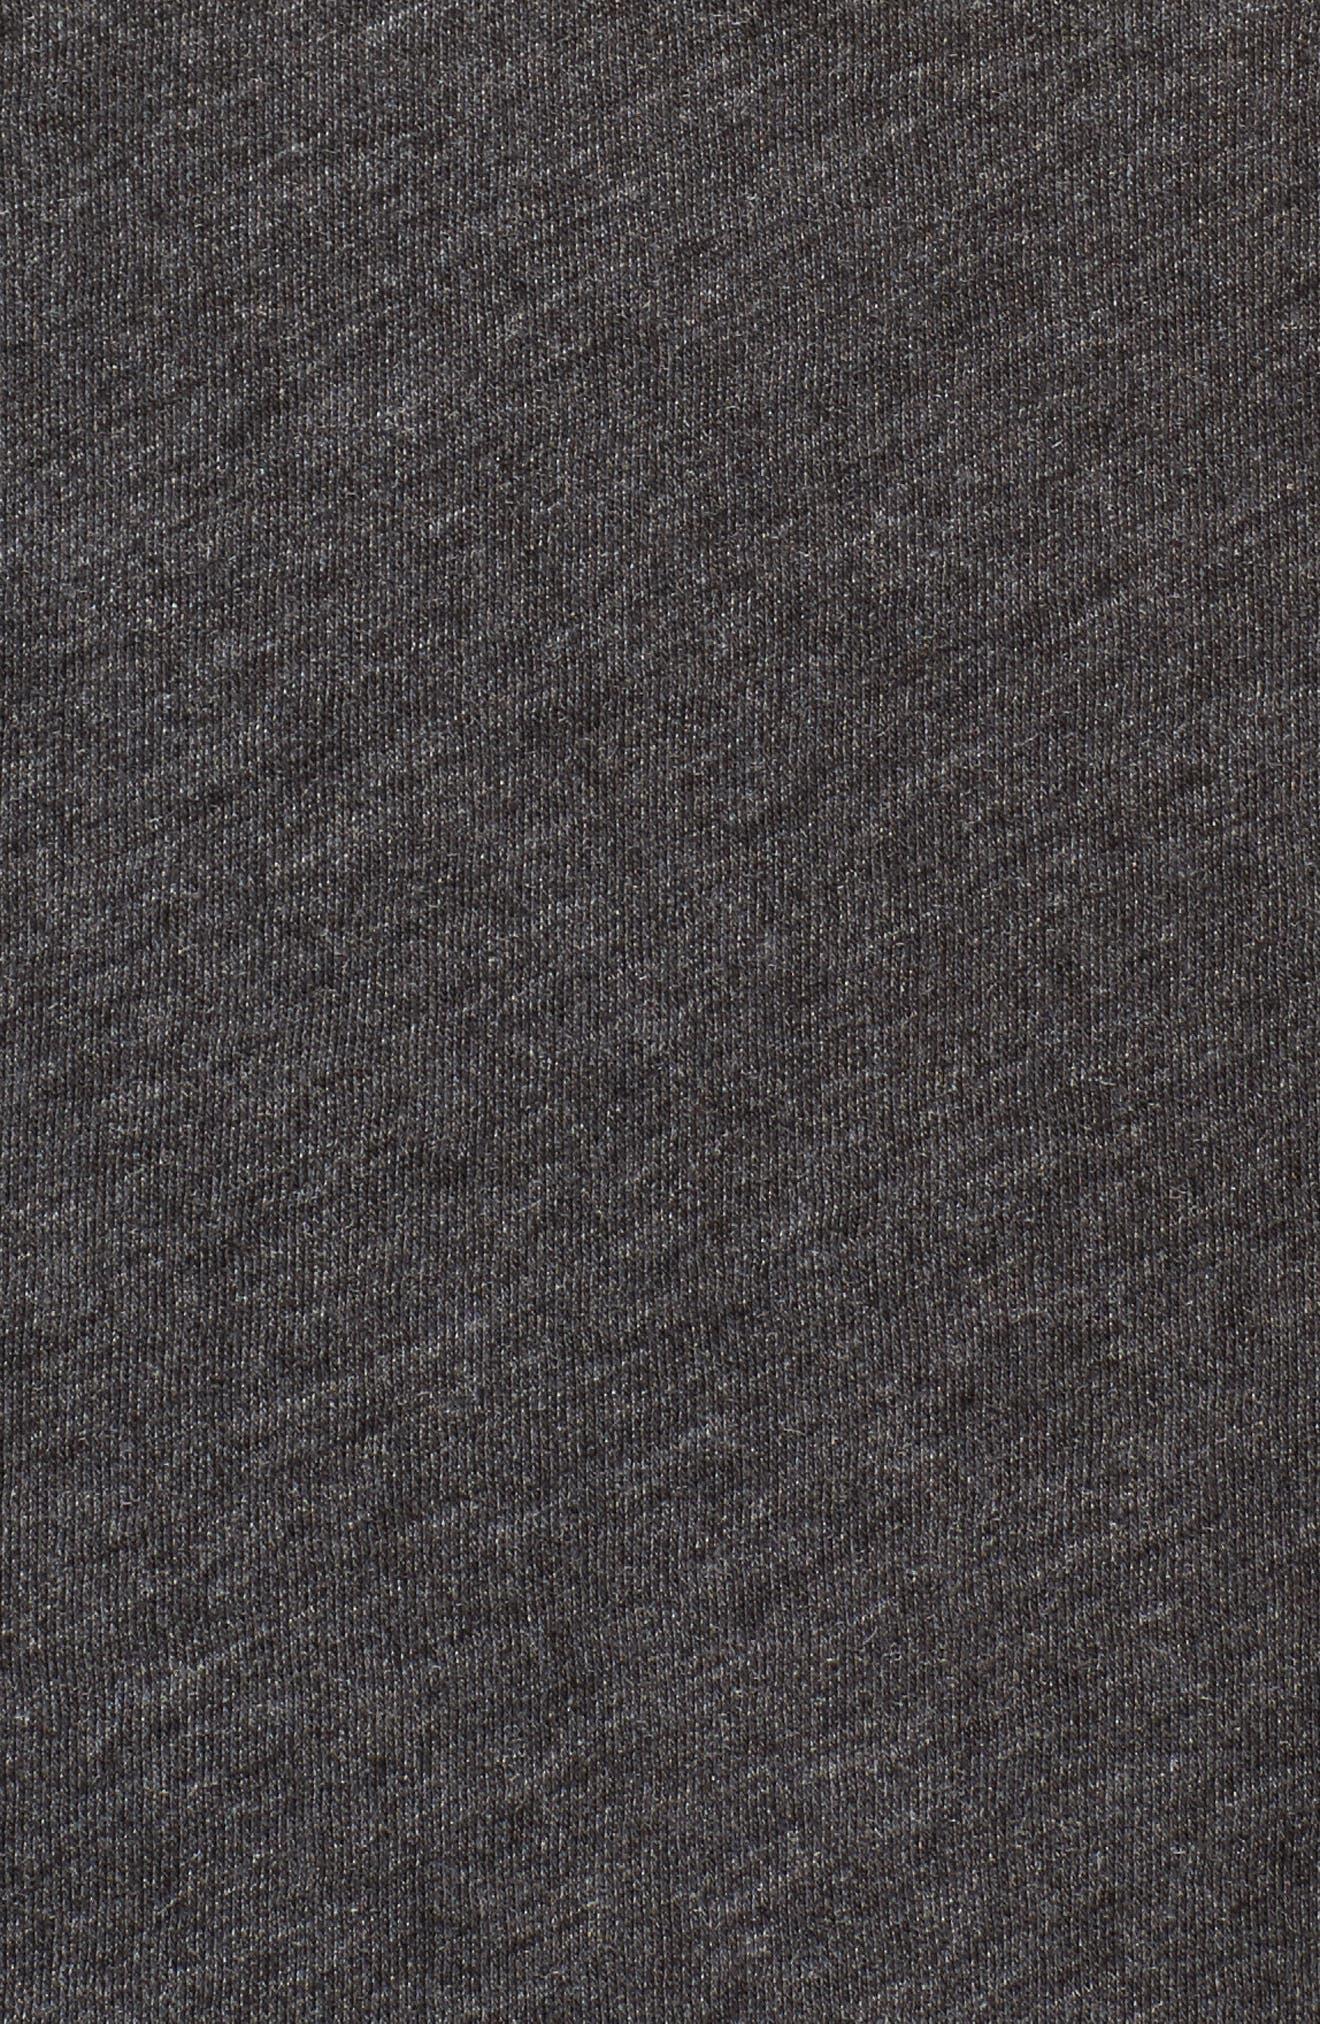 Yas Middie Tee,                             Alternate thumbnail 5, color,                             Clean Black